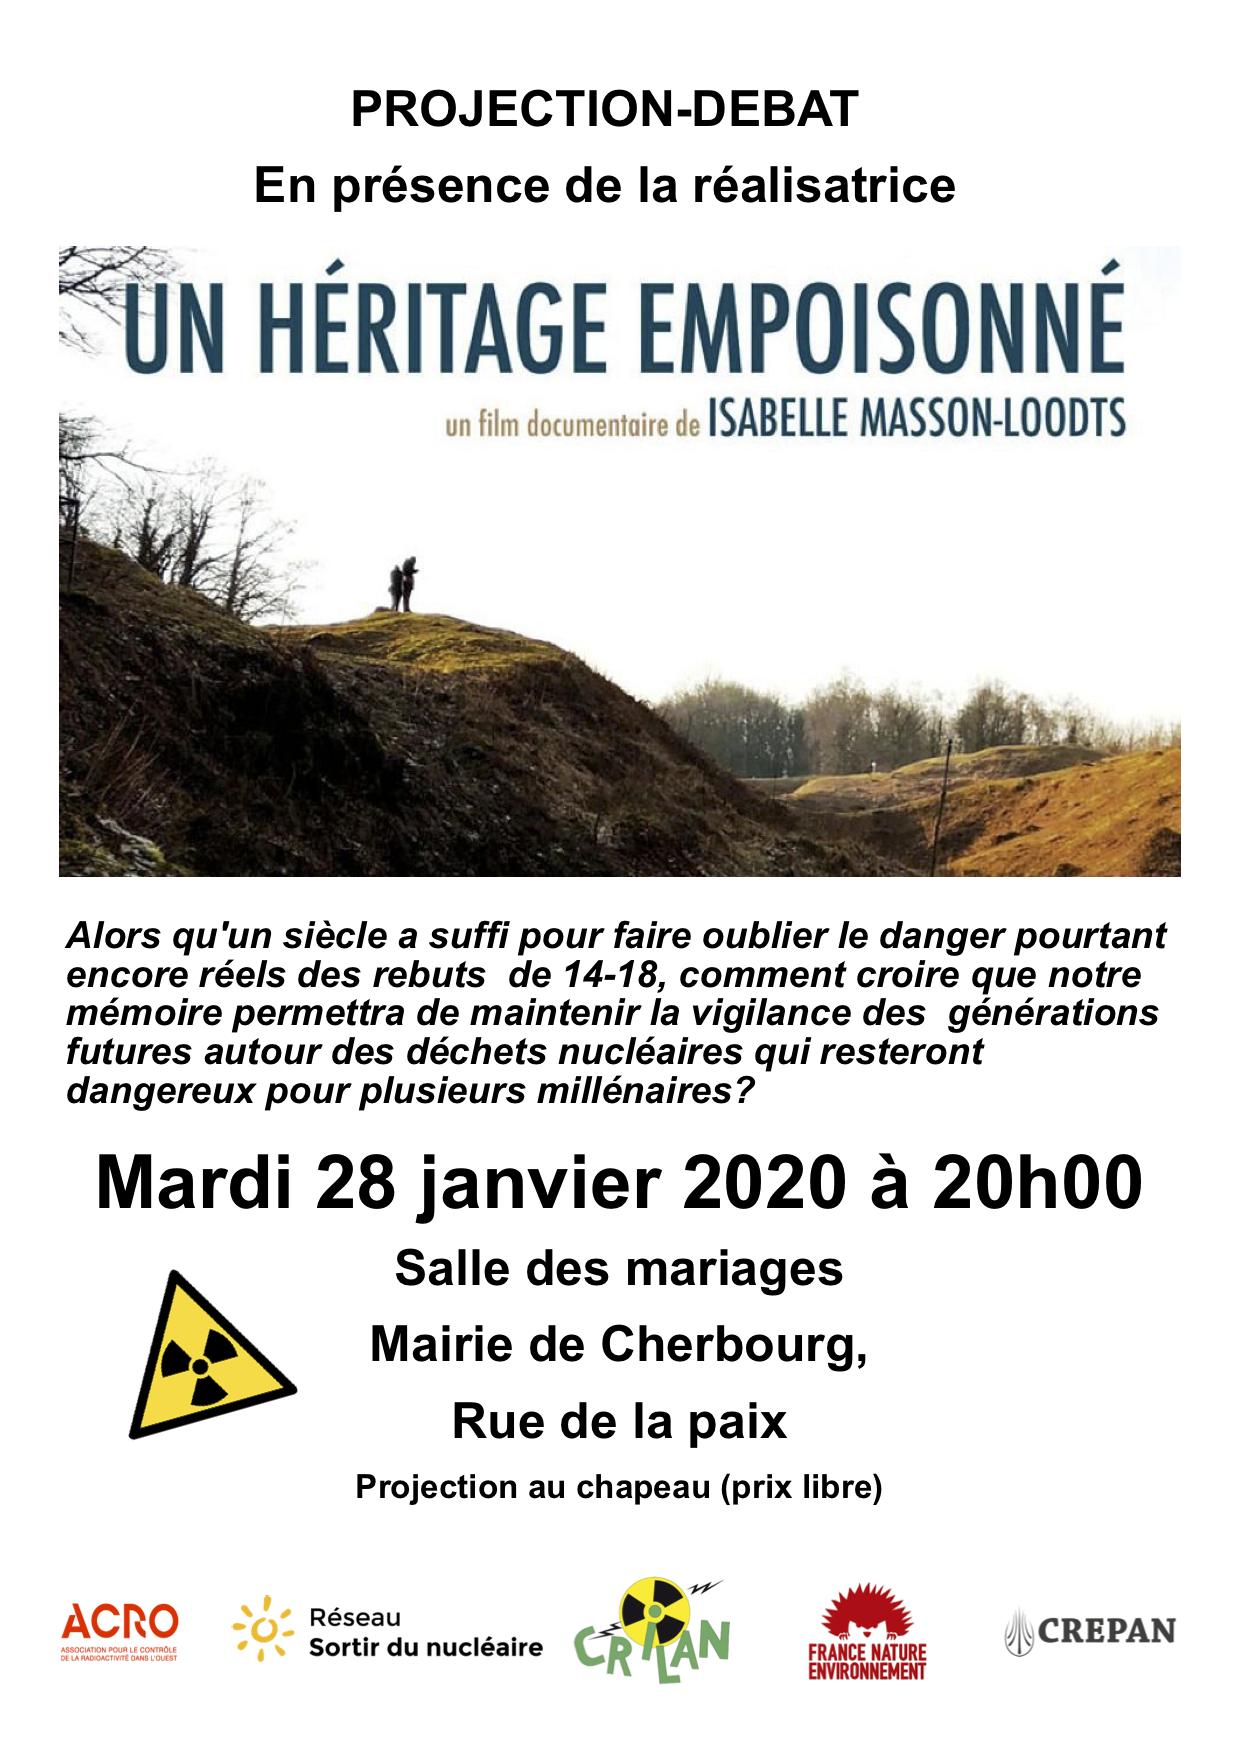 Projection - débat : un héritage empoisonné @ Mairie de Cherbourg - salle des mariages